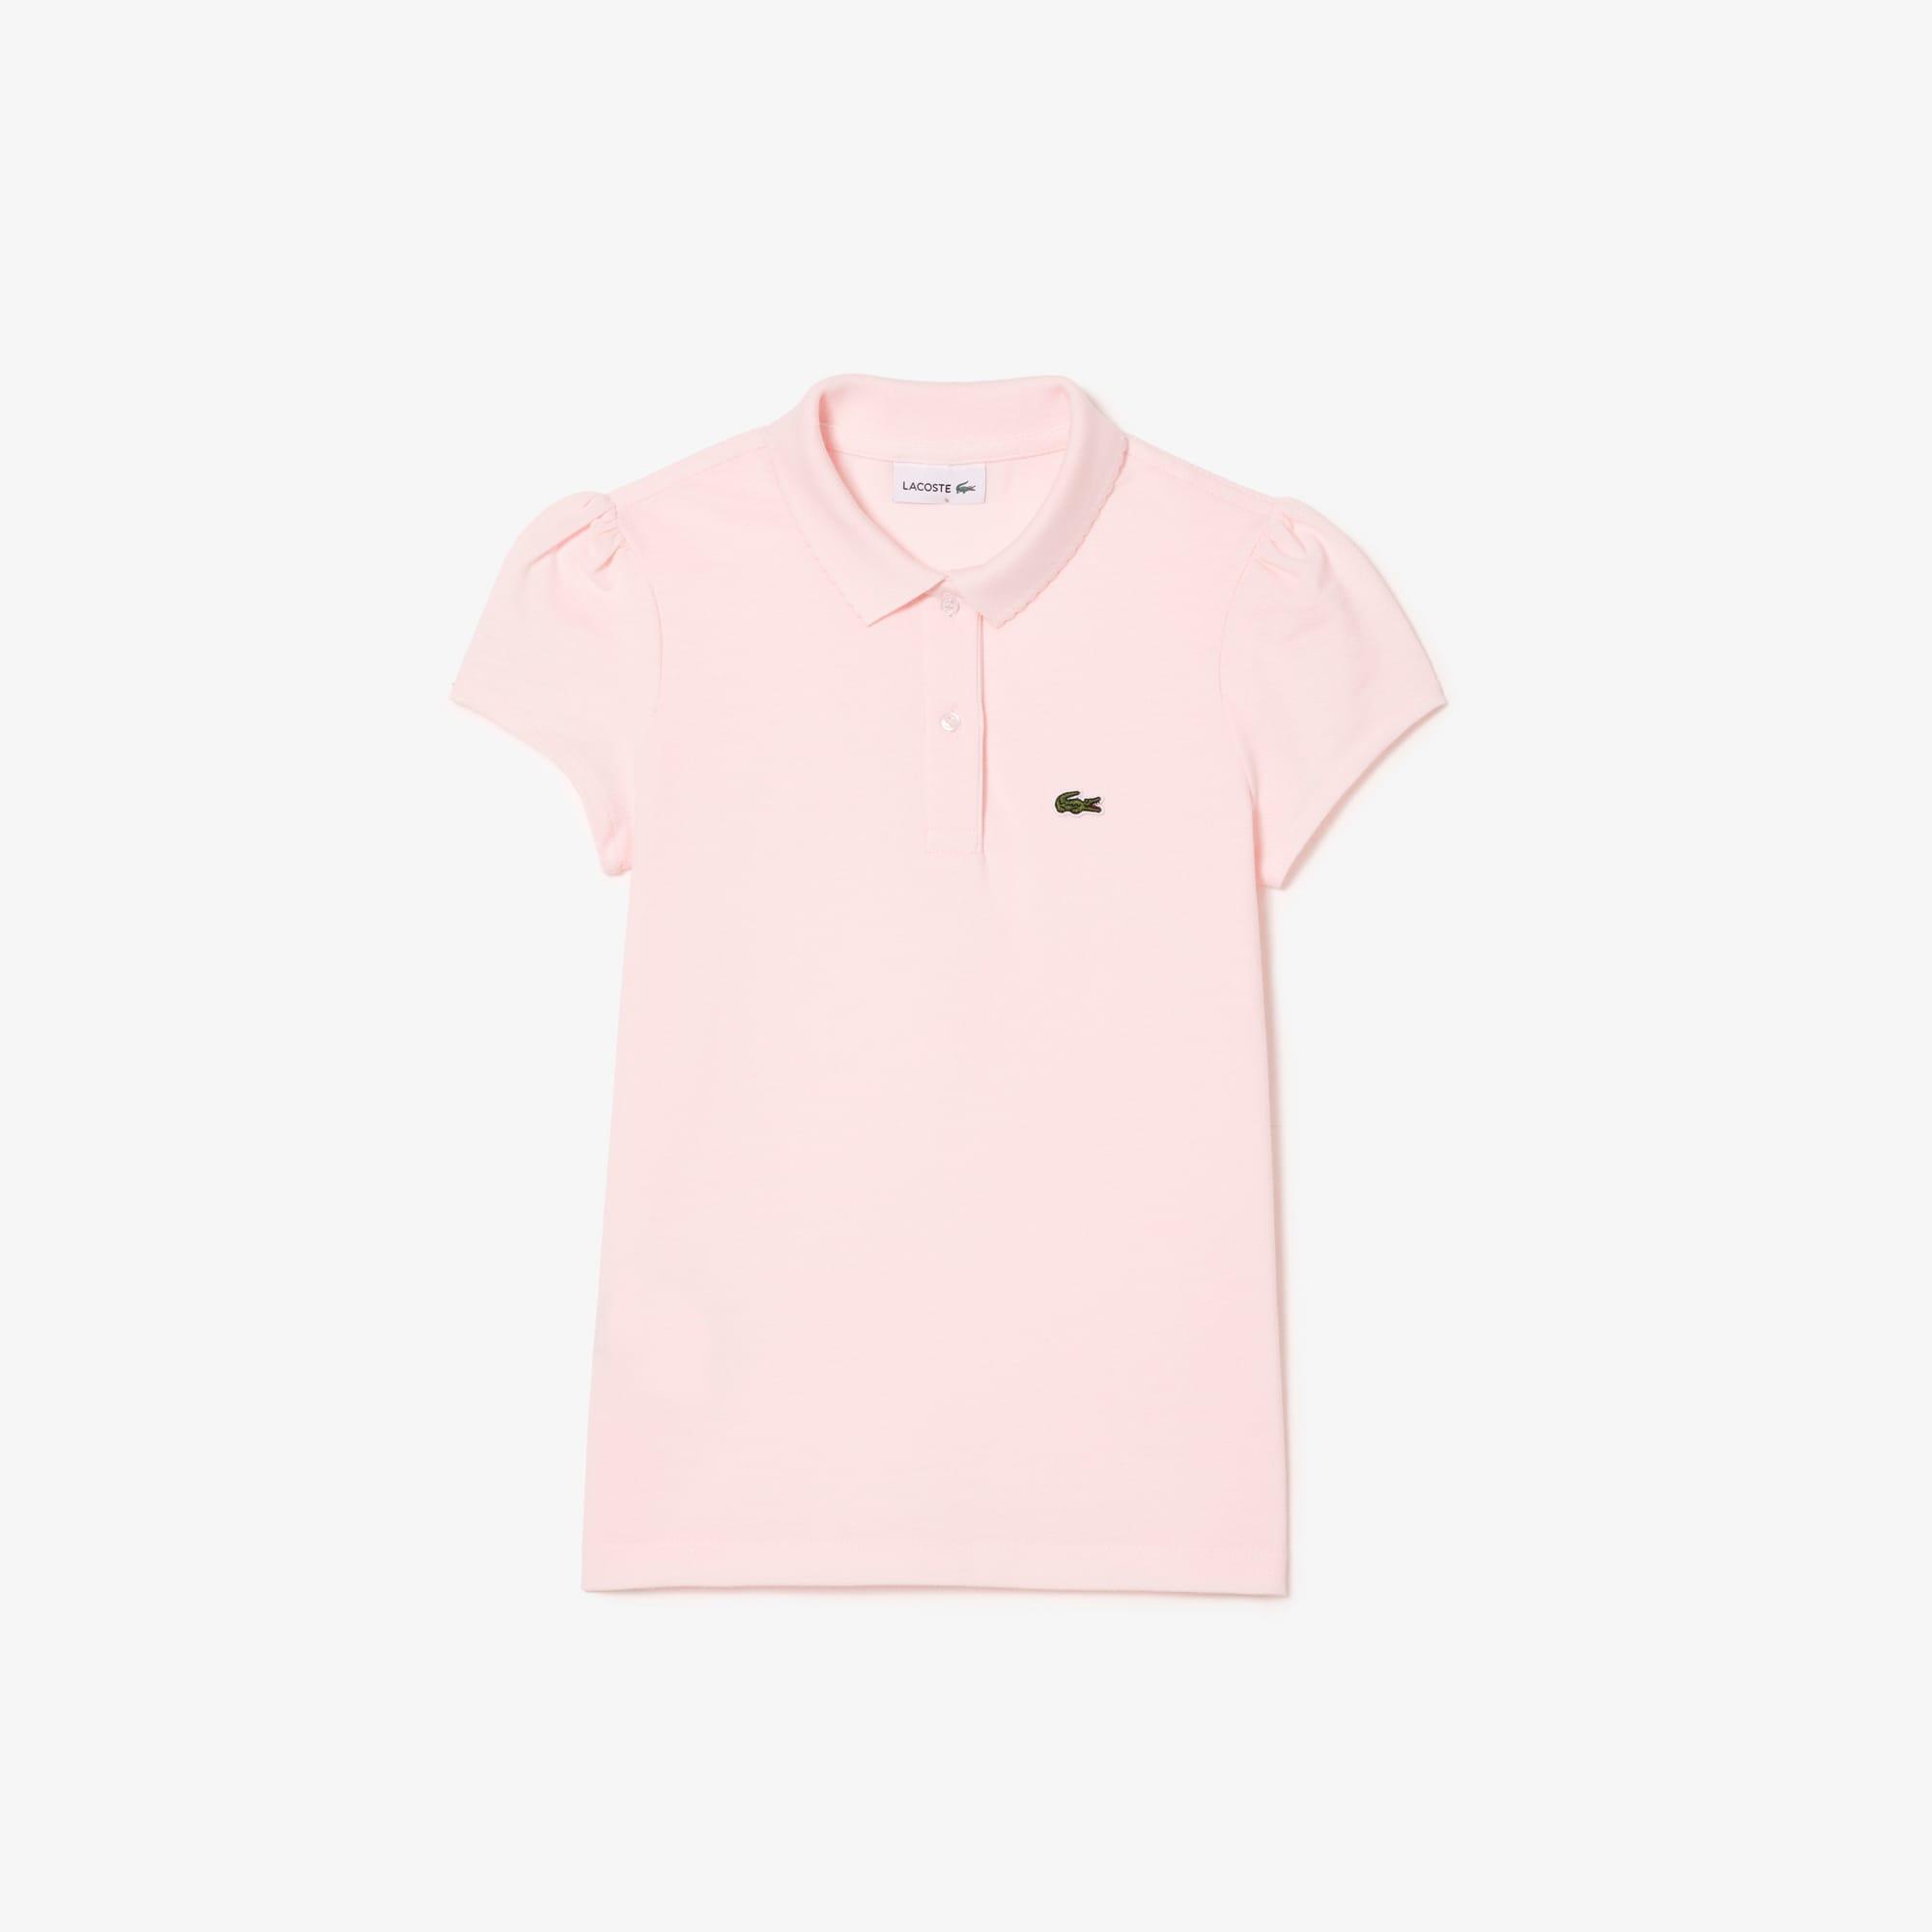 b11211975a Girls' Lacoste Scalloped Collar Mini Piqué Polo Shirt | LACOSTE